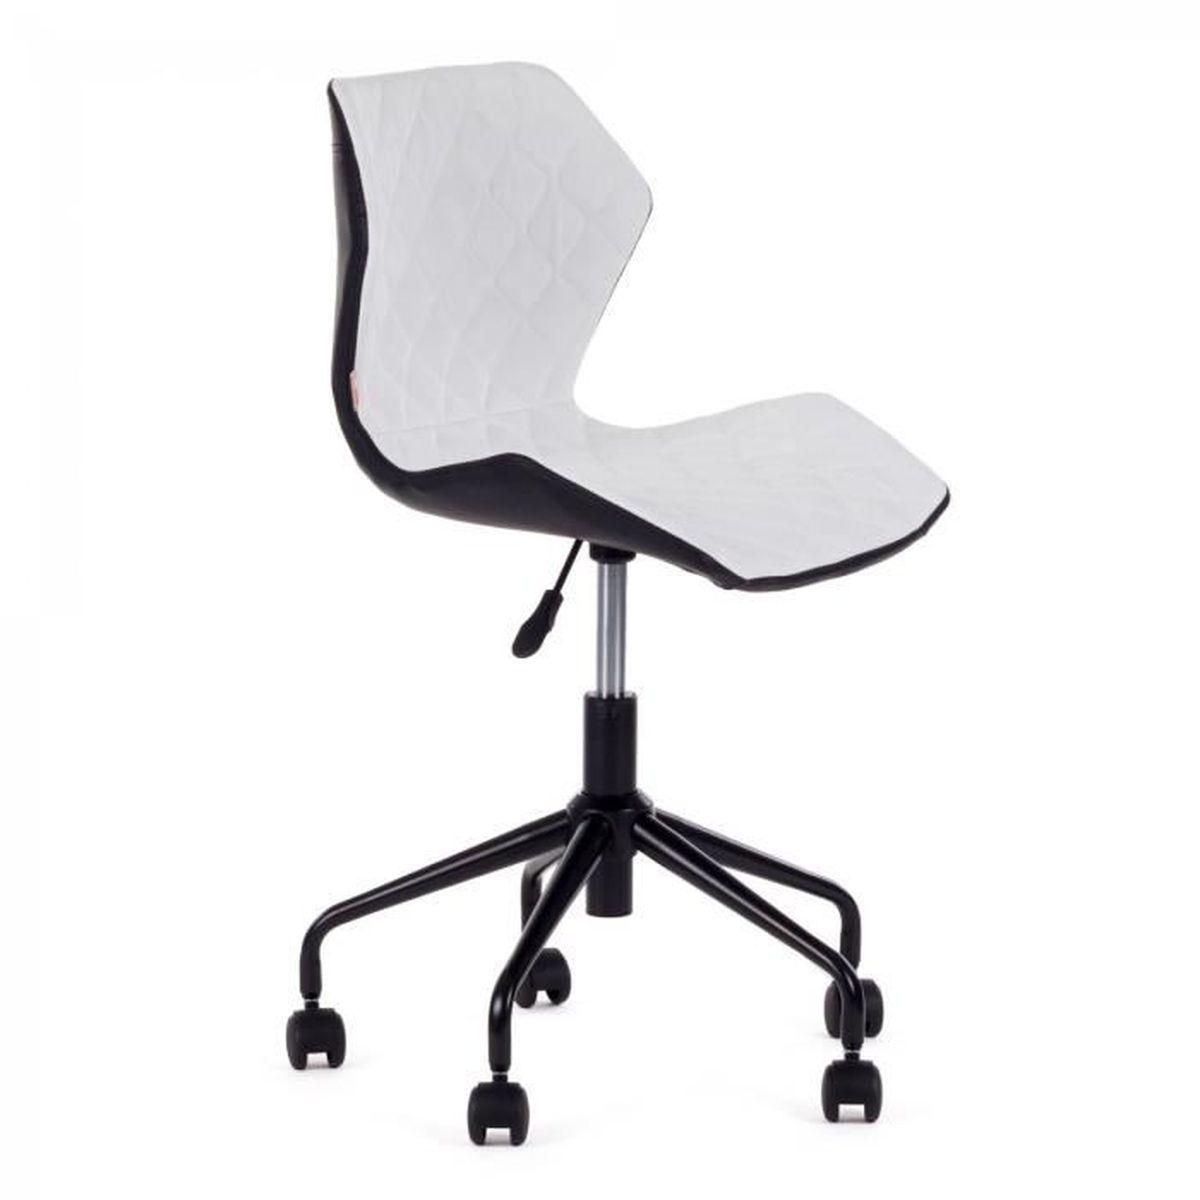 notre chaise de bureau est juste la chose pour donner un nouveau look votre bureau achat. Black Bedroom Furniture Sets. Home Design Ideas